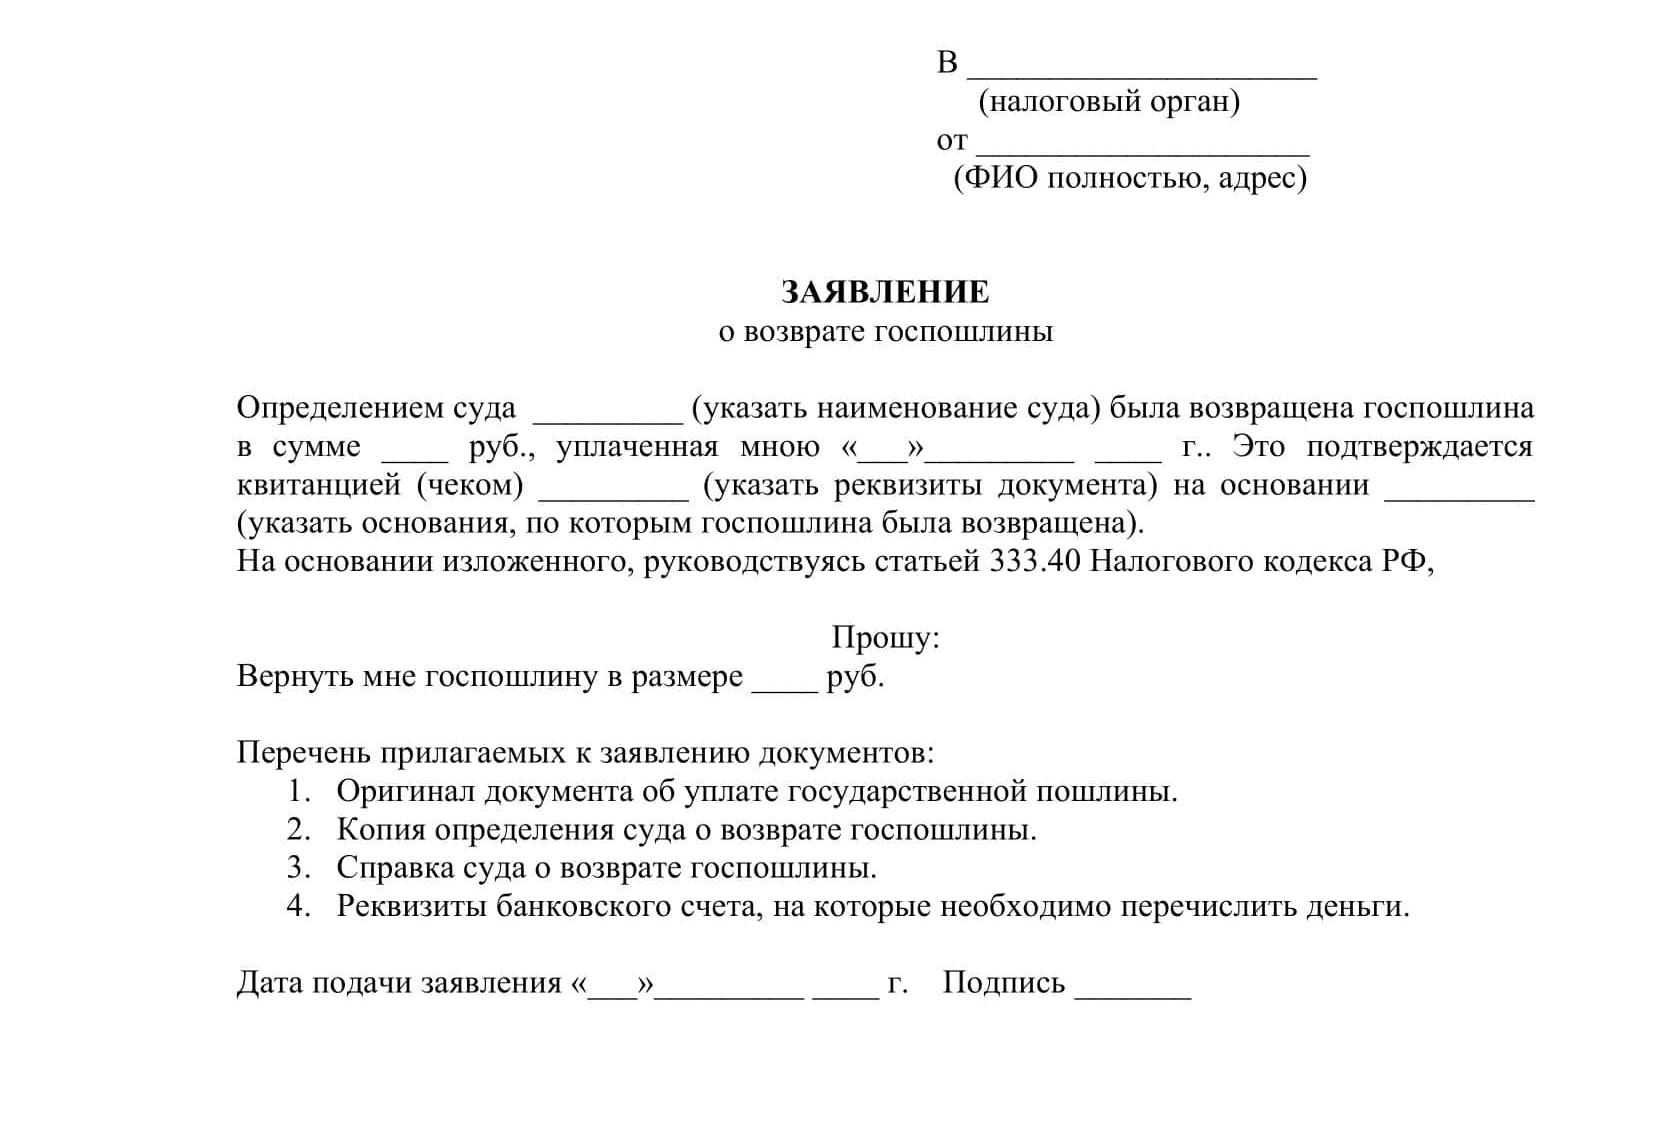 заявление в налоговый орган о возарате госпошлины